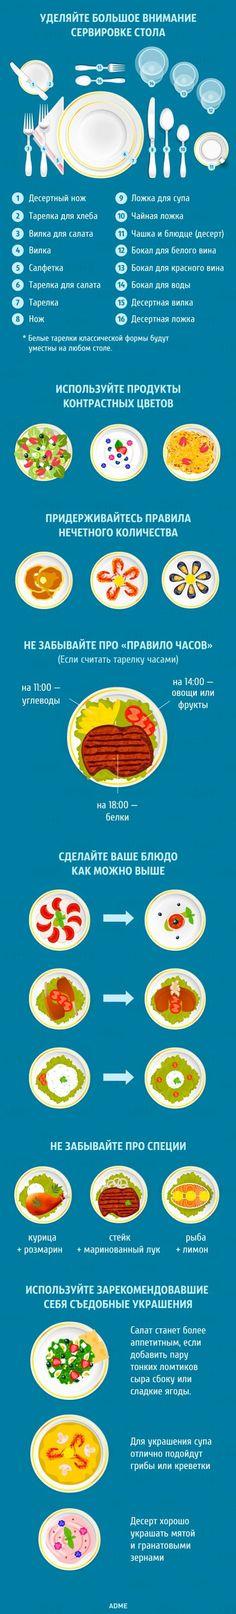 В какое время дня лучше есть те или иные продукты Все хорошо в свое время.И даже здоровые продукты лучше всего есть в определенные часы, тогда от них будет максимум пользы. Для вас инфографика, которая наглядно показывает, в какое время дня лучше все...